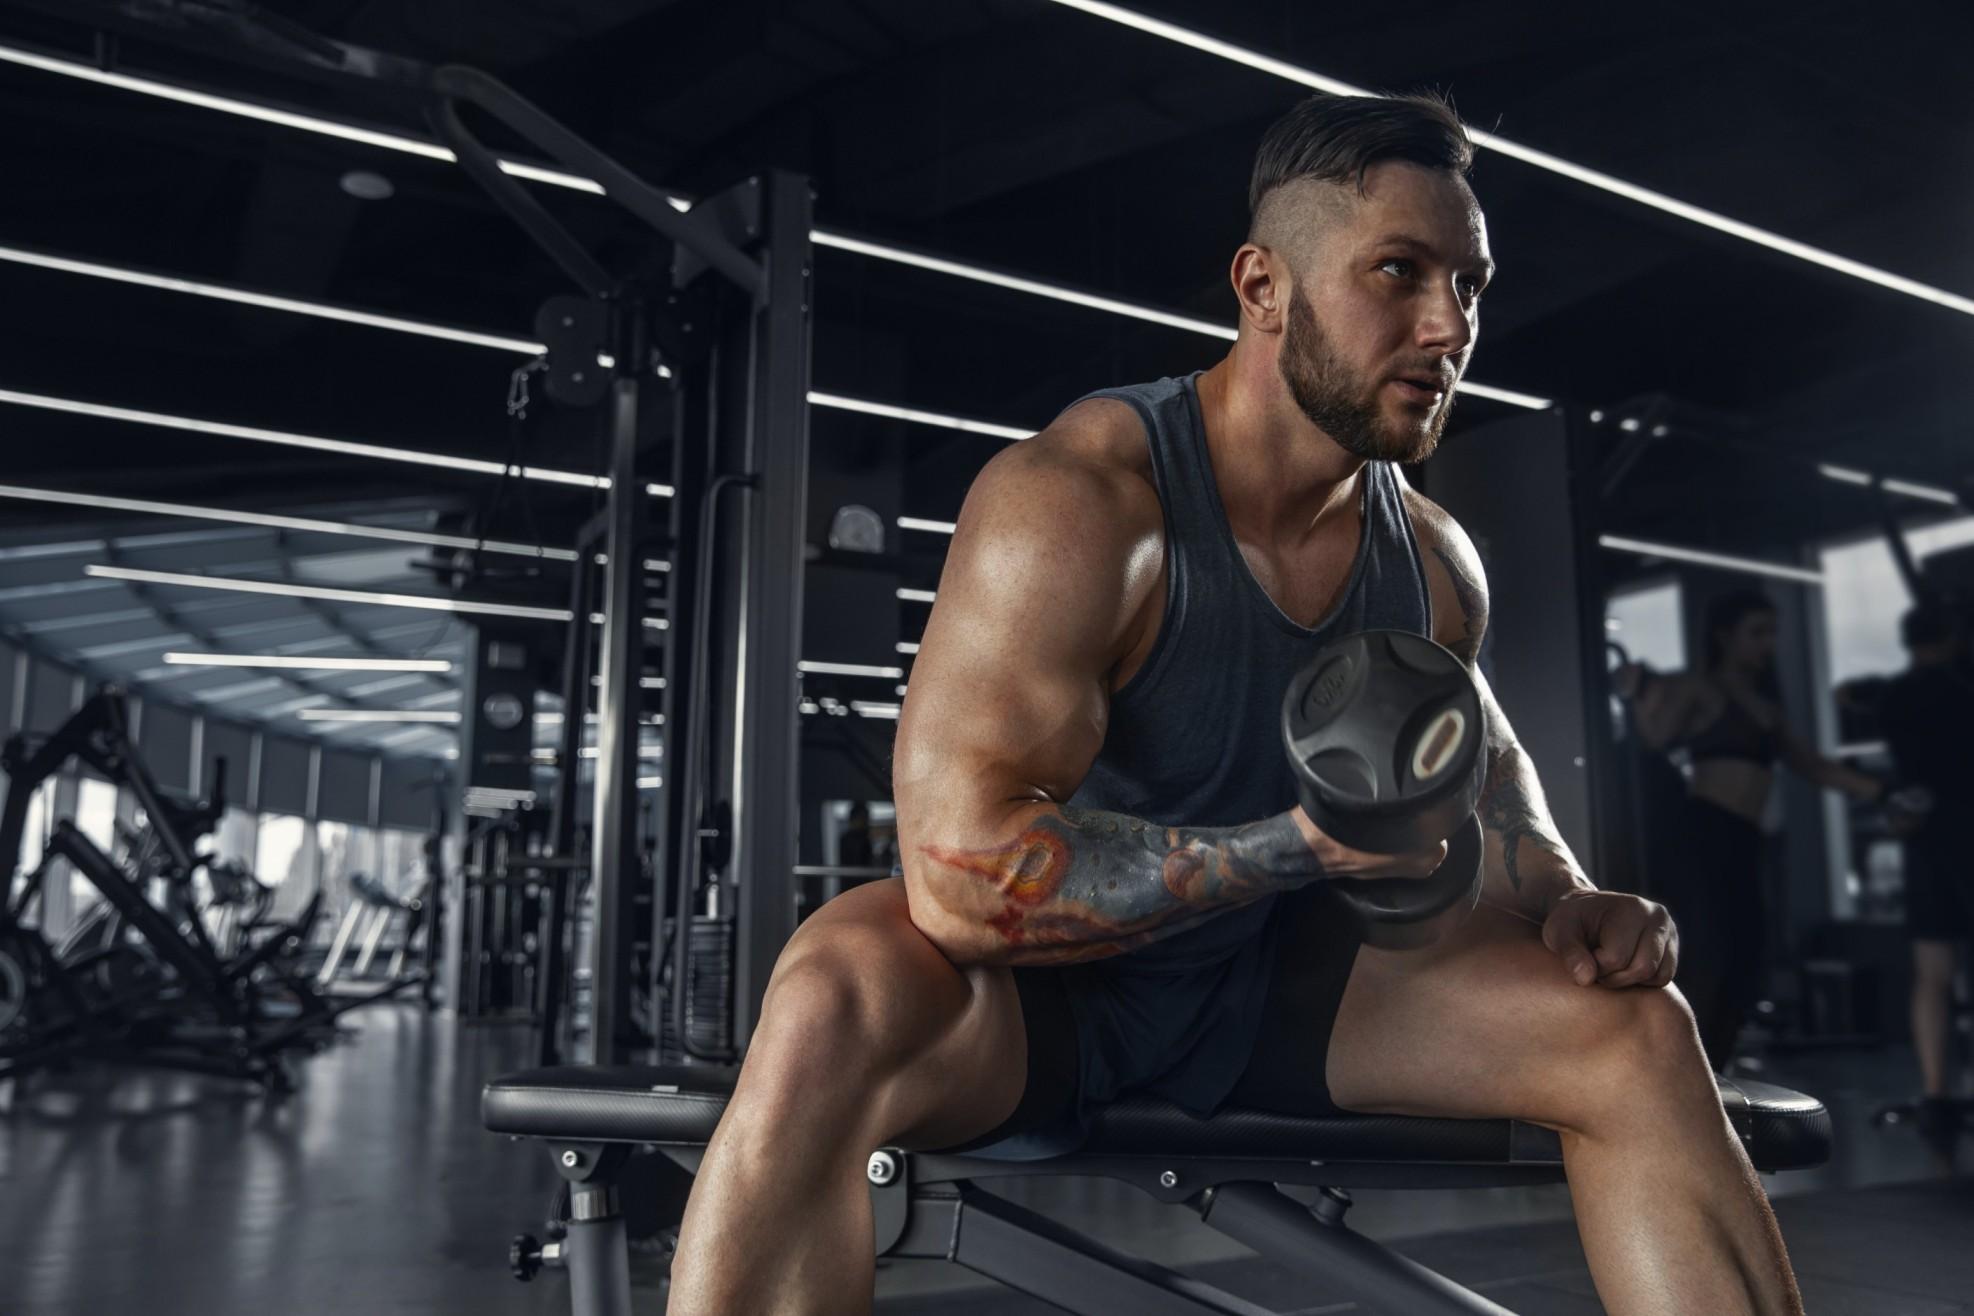 male-athlete-training-hard-gym (1) (1) (2)